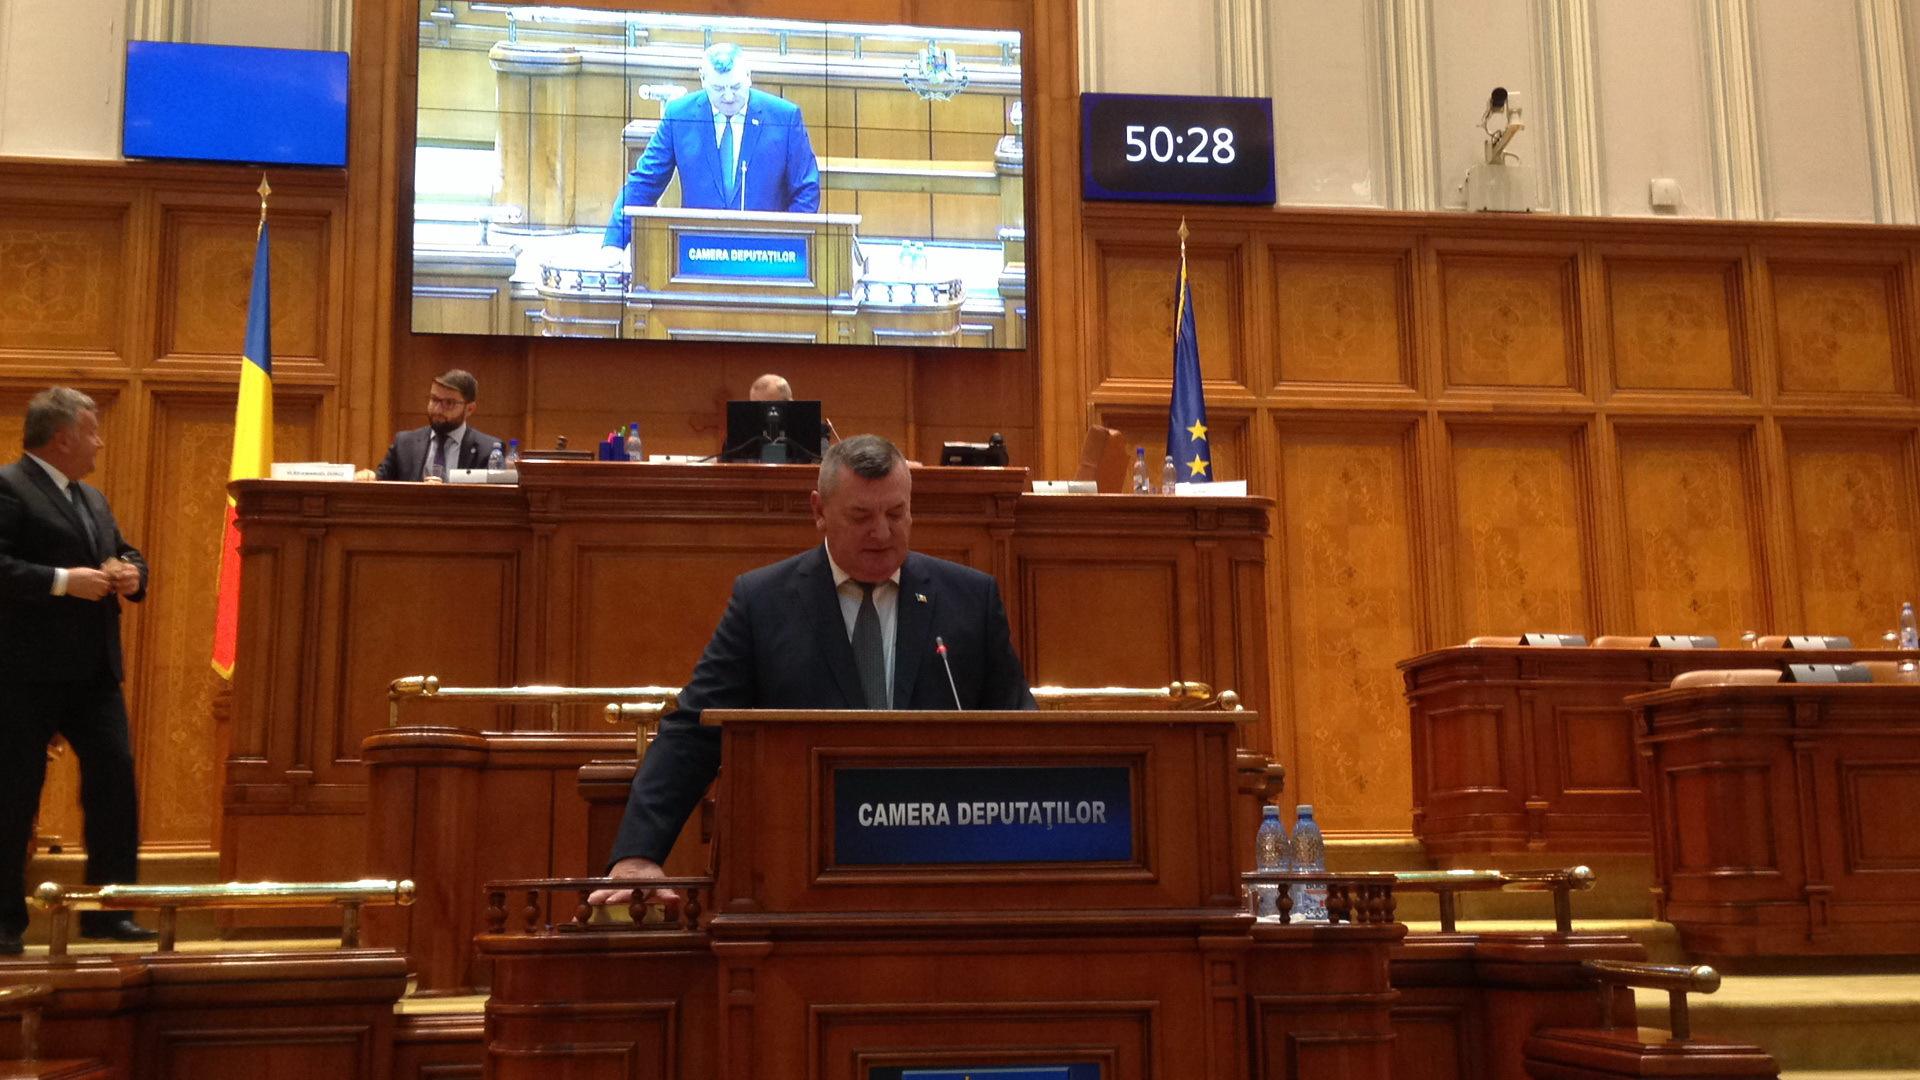 Şeful Jandarmeriei spune că incidentul în care a fost implicat Terea a fost provocat de protestatari